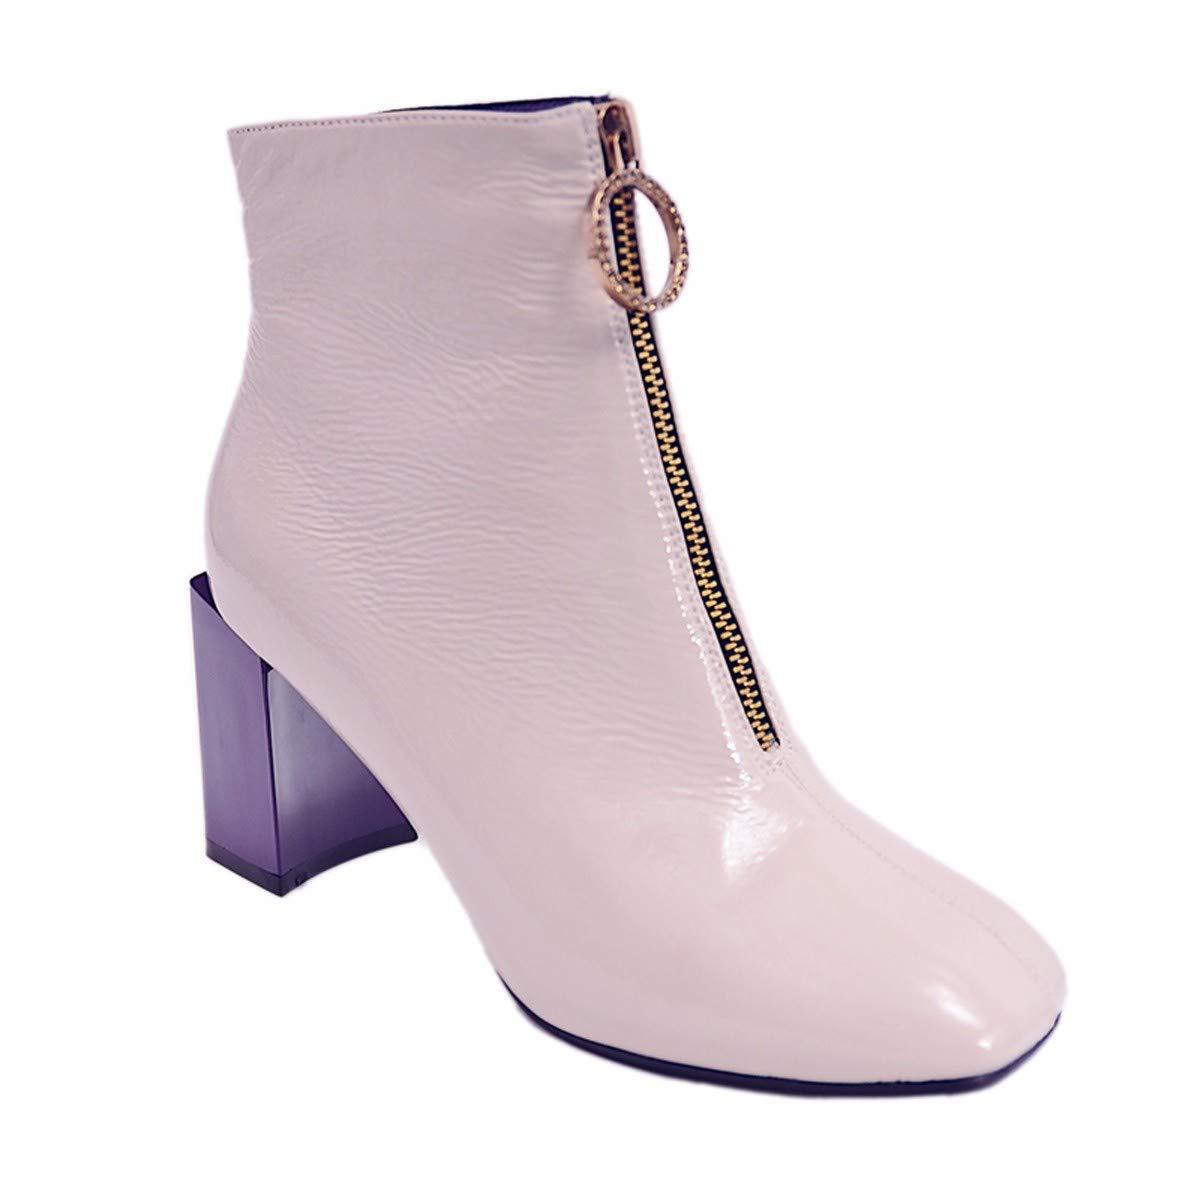 KPHY Damenschuhe - Reißverschluss Reißverschluss Reißverschluss Stiefel Heel 7 cm Lack Square Dicke Sohle Martin Stiefel eed1c1